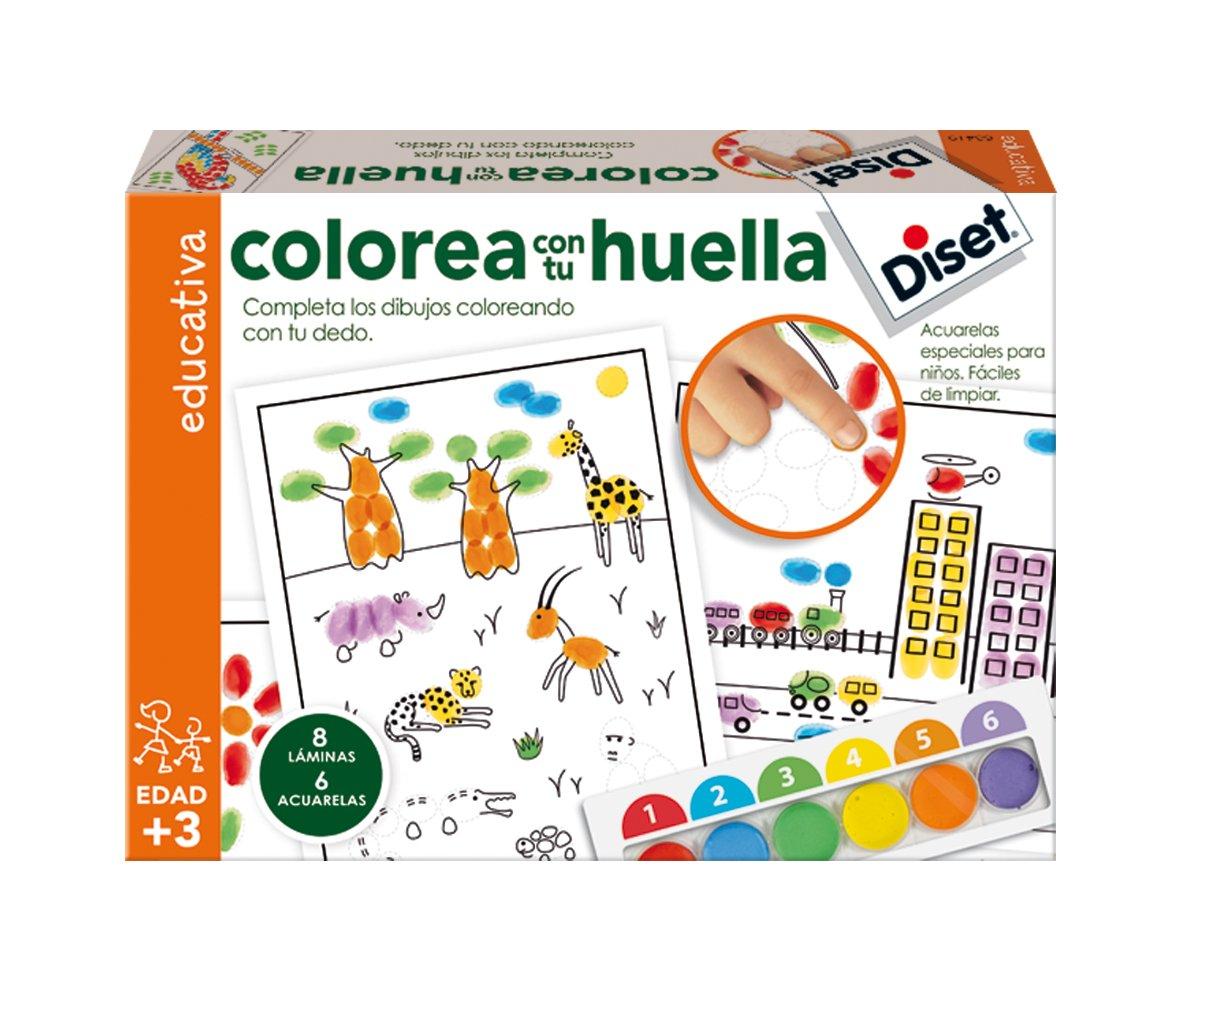 Diset Juego educativo para niños para colorear con su huella y aprender los colores: Amazon.es: Juguetes y juegos